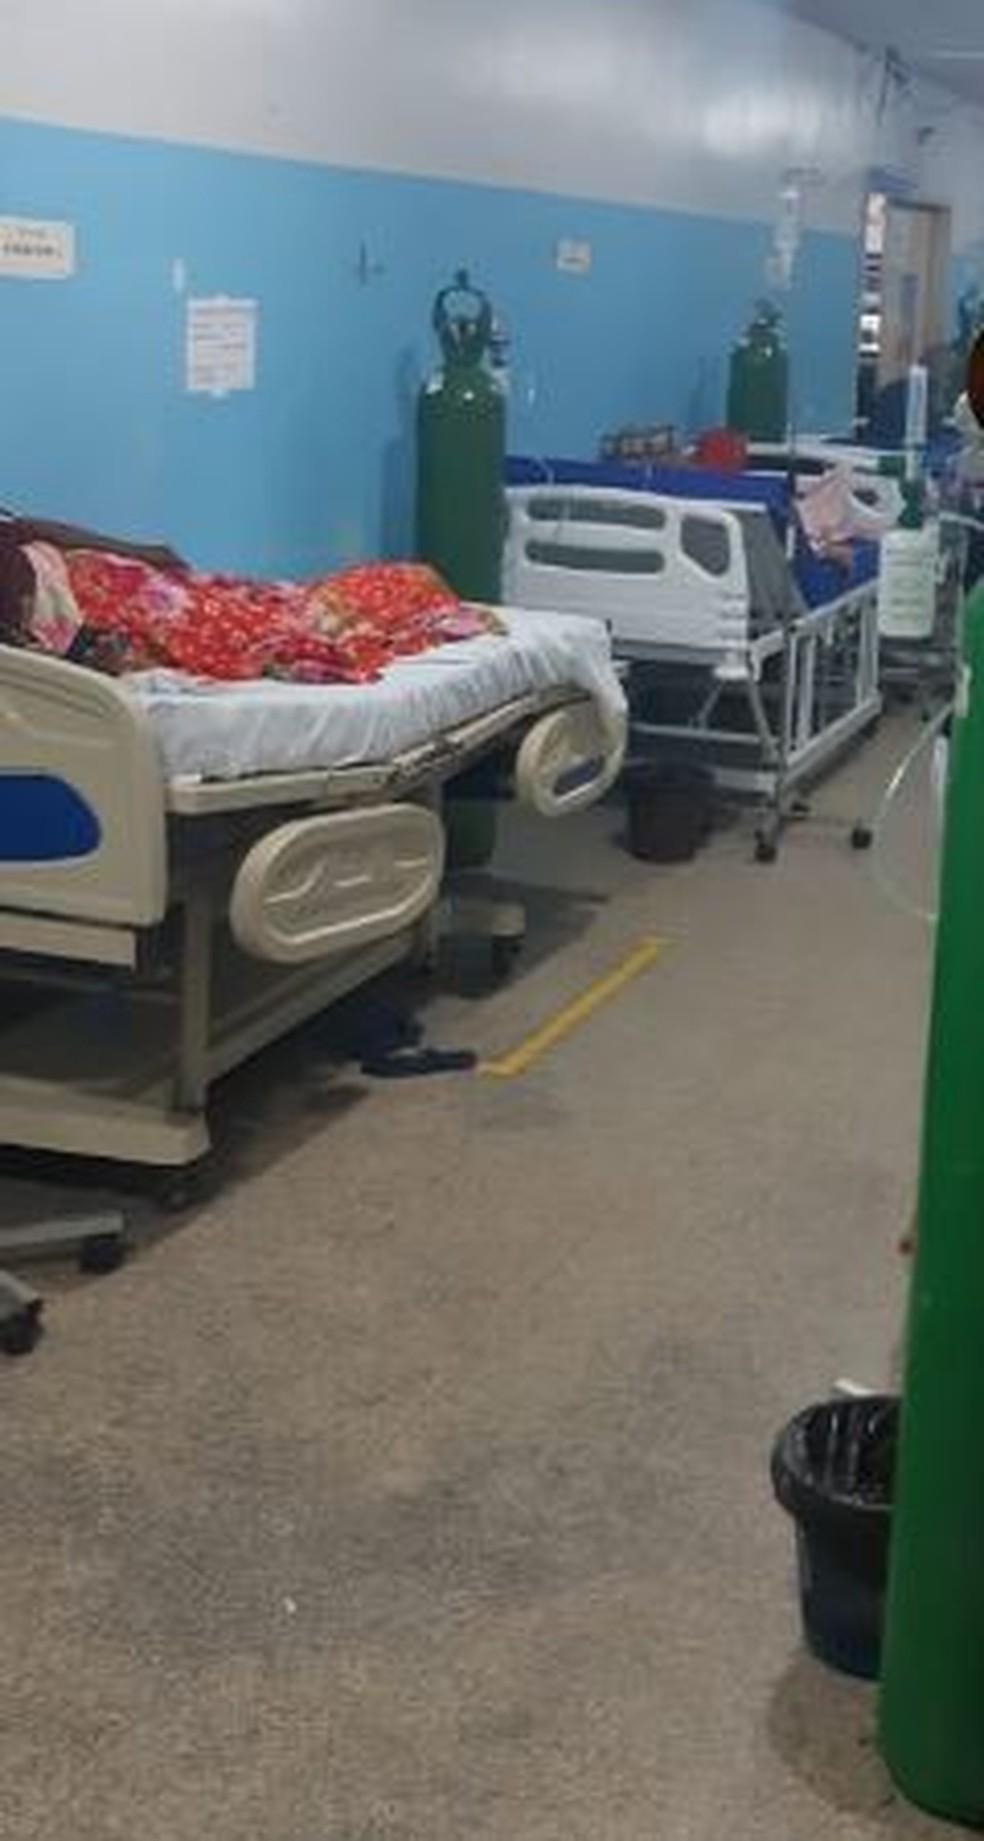 Imagens mostram fila de pacientes nos corredores da UPA da Zona Sul em Porto  Velho   Rondônia   G1